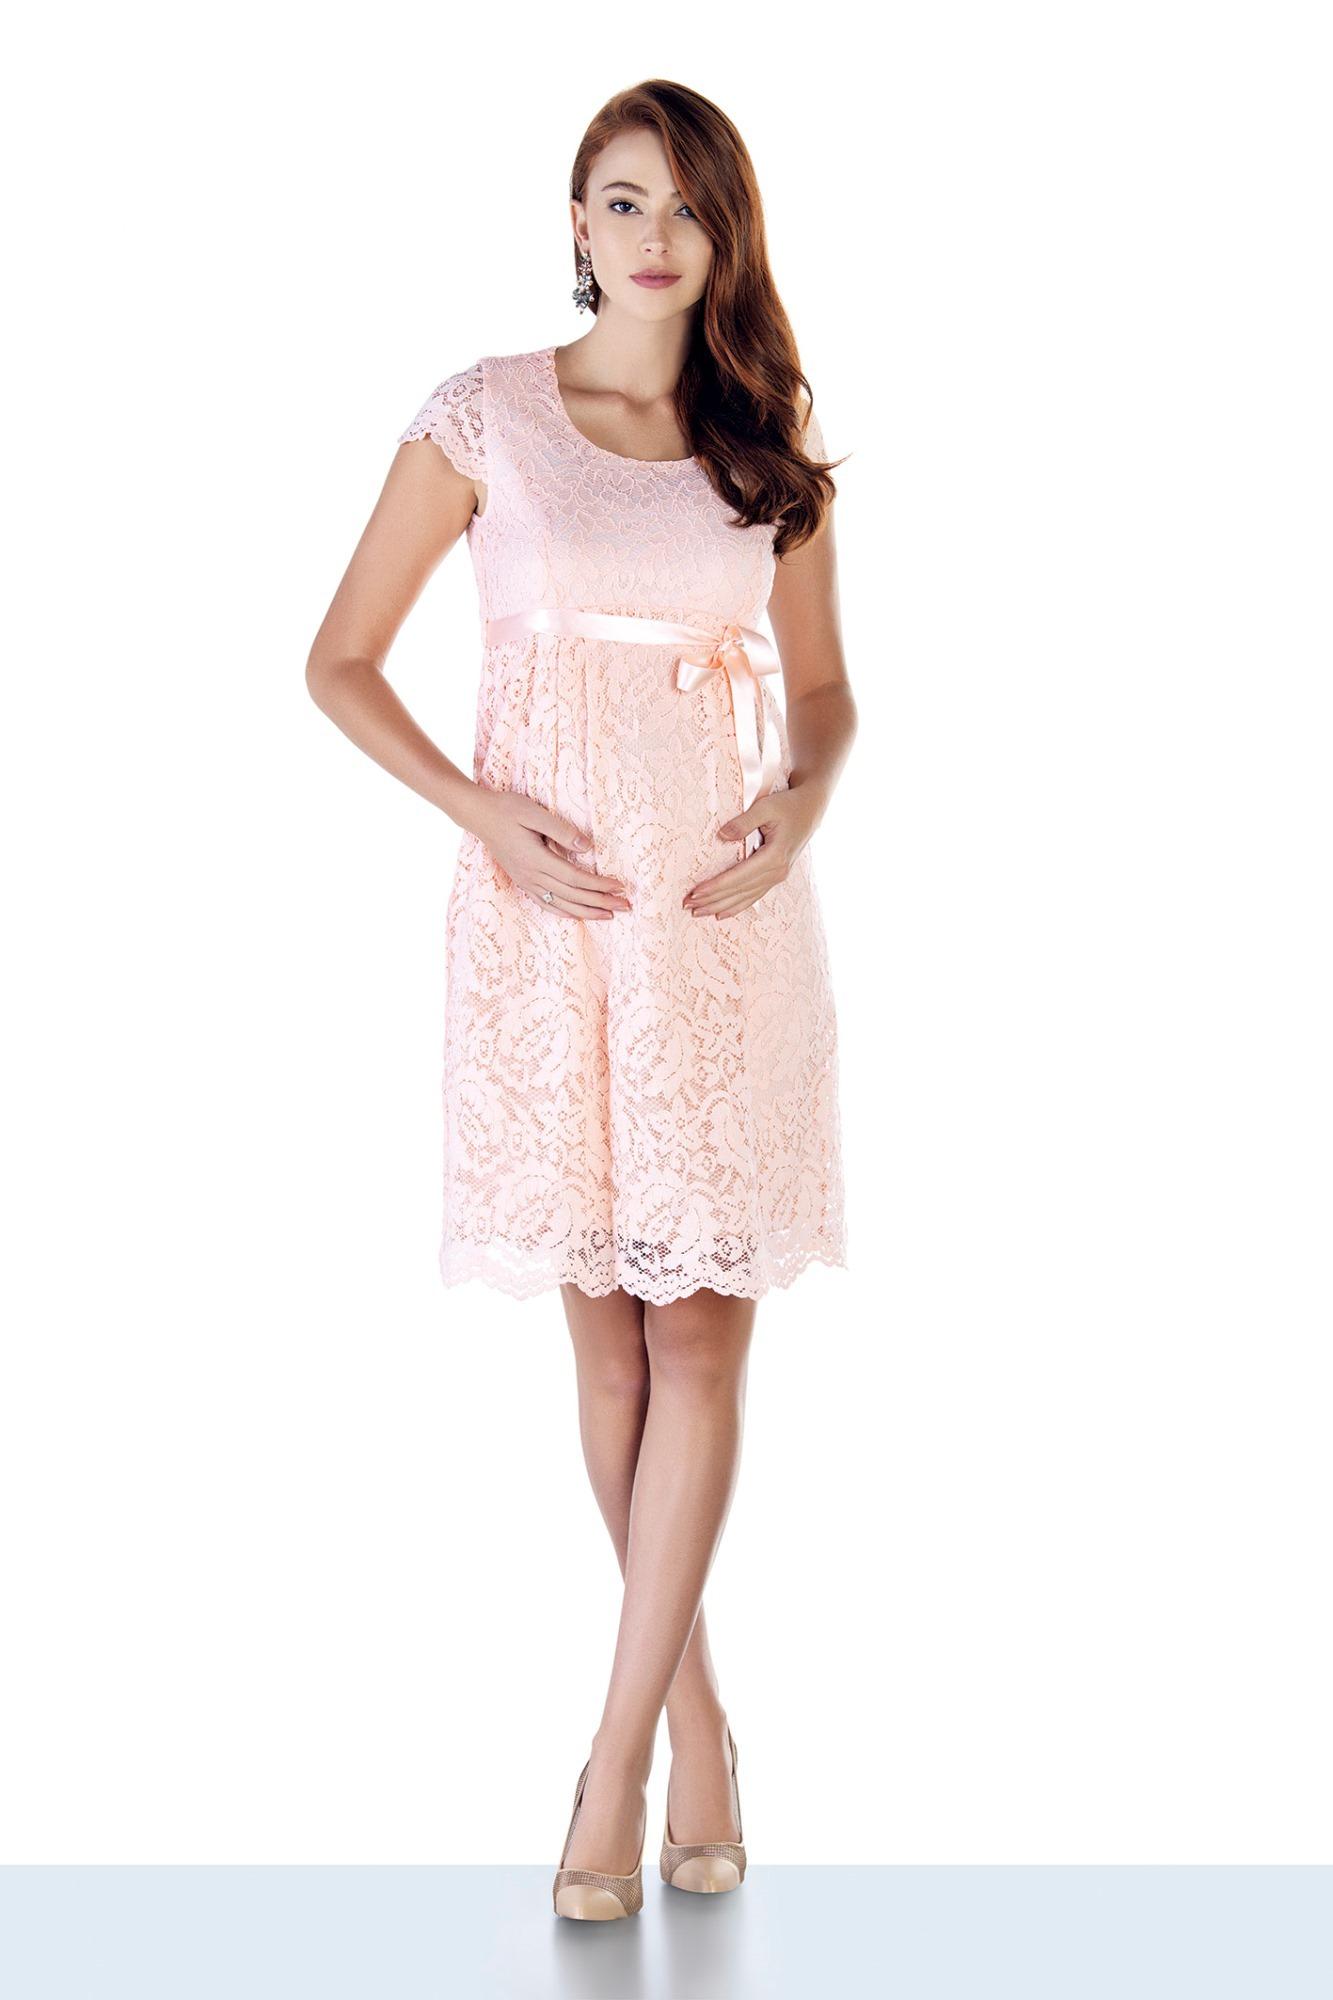 Фото платье для беременных EBRU, вечернее от магазина СкороМама, пудра, размеры.